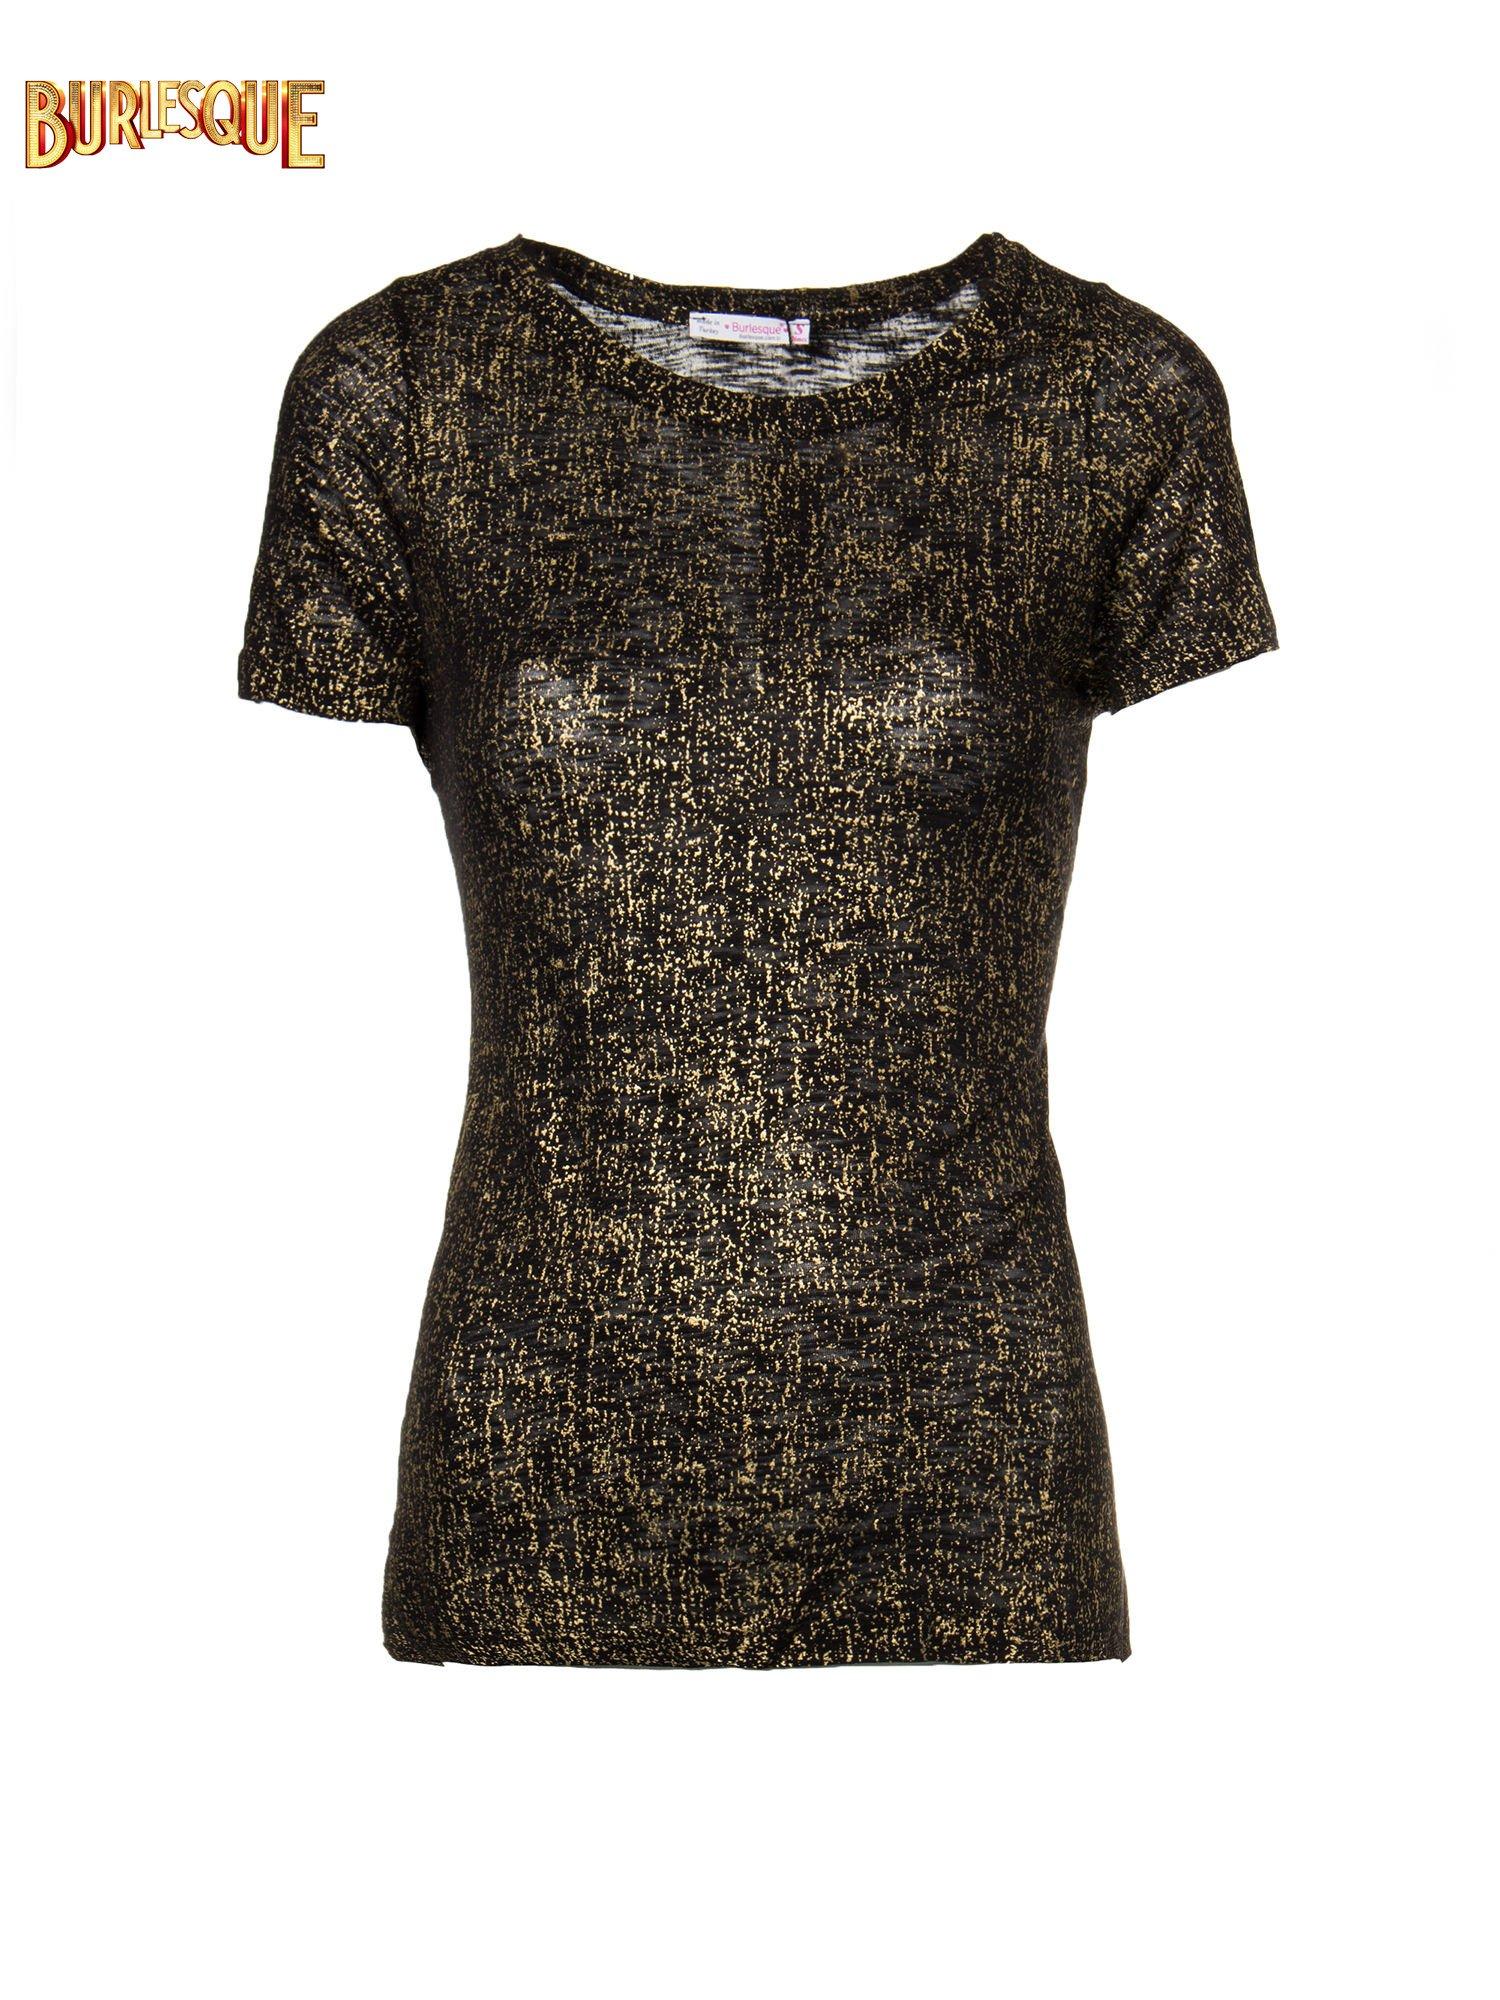 Czarny t-shirt w złote plamki                                  zdj.                                  1